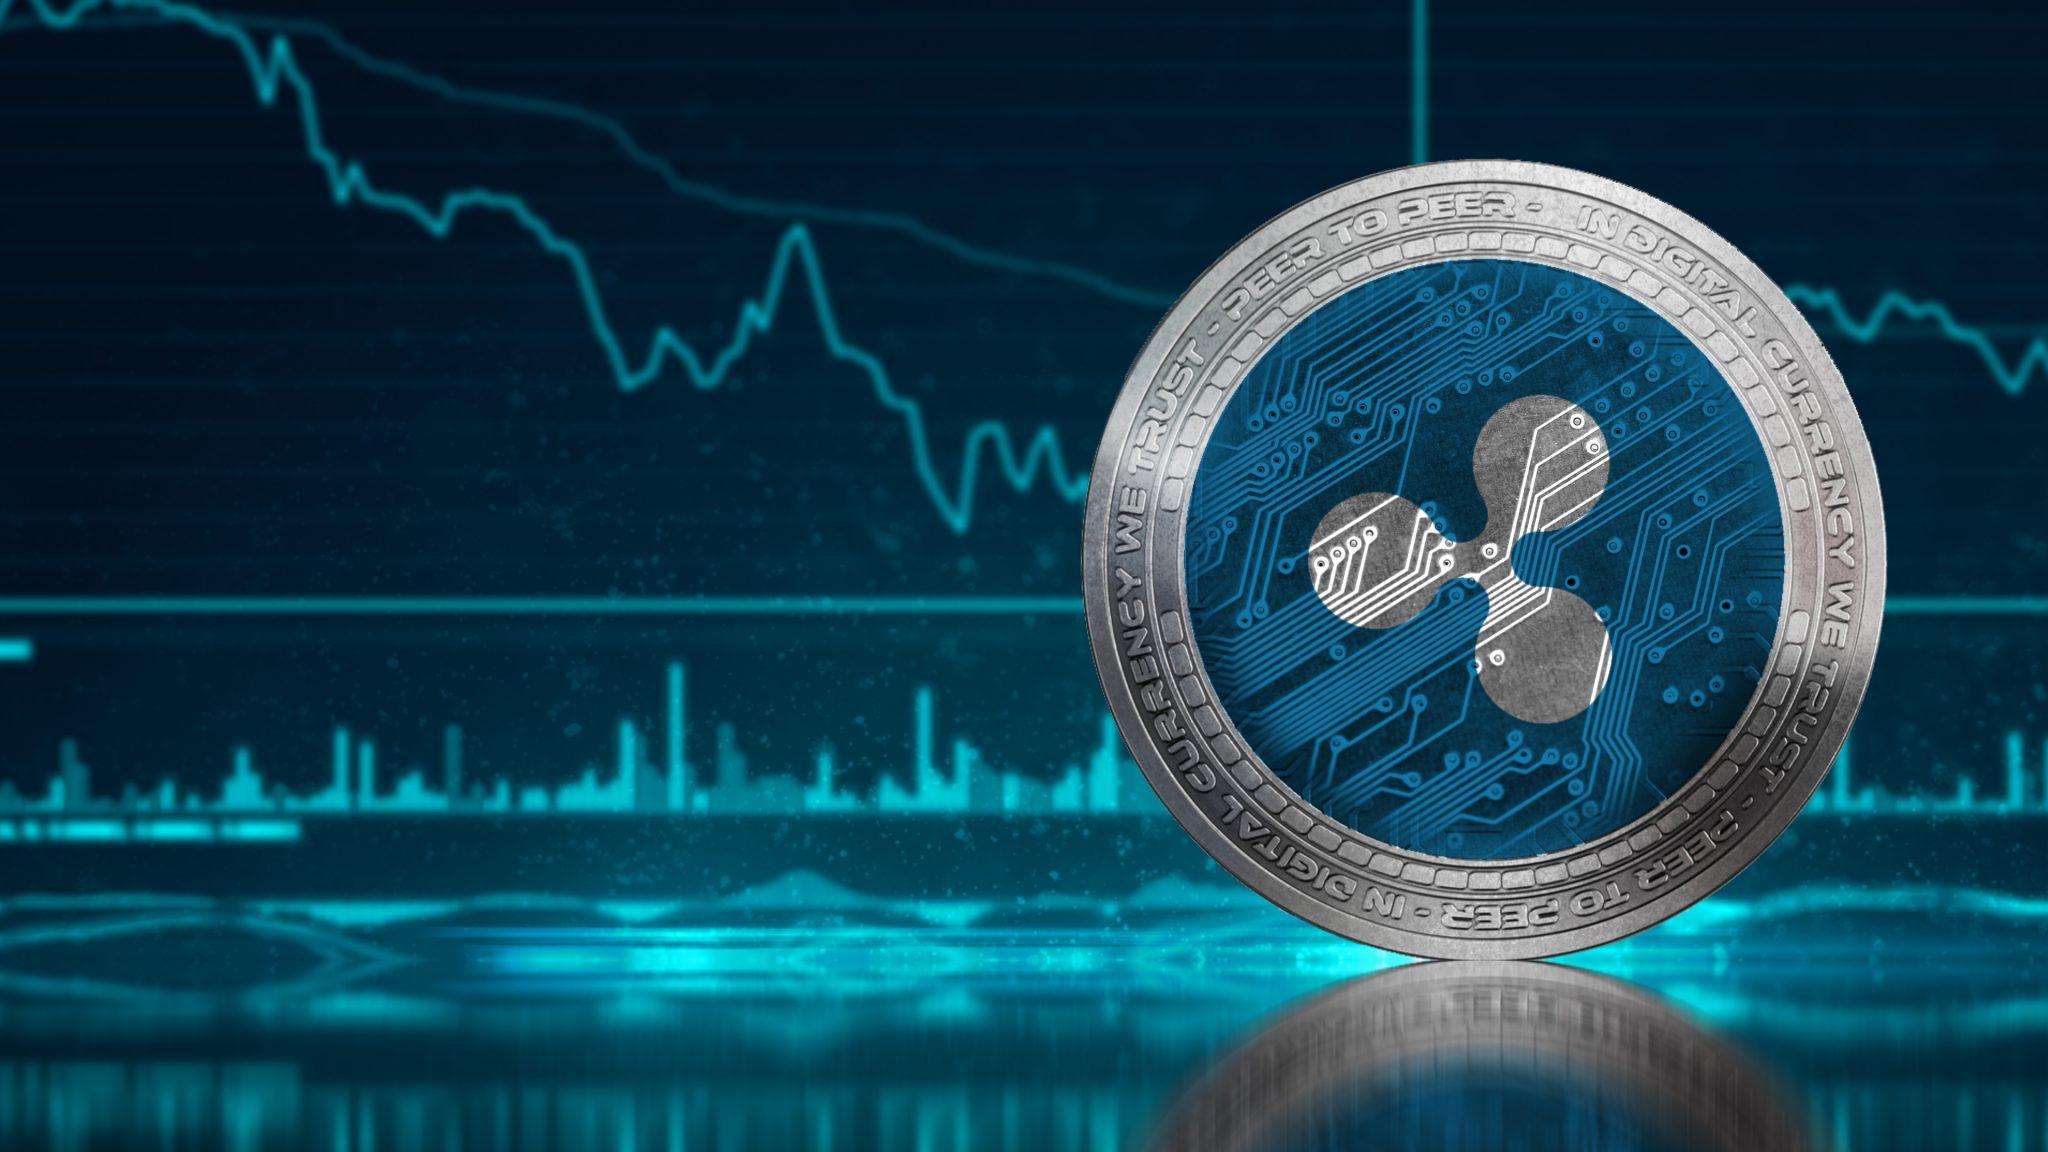 Nexo начал принимать XRP для обеспечения криптокредитов